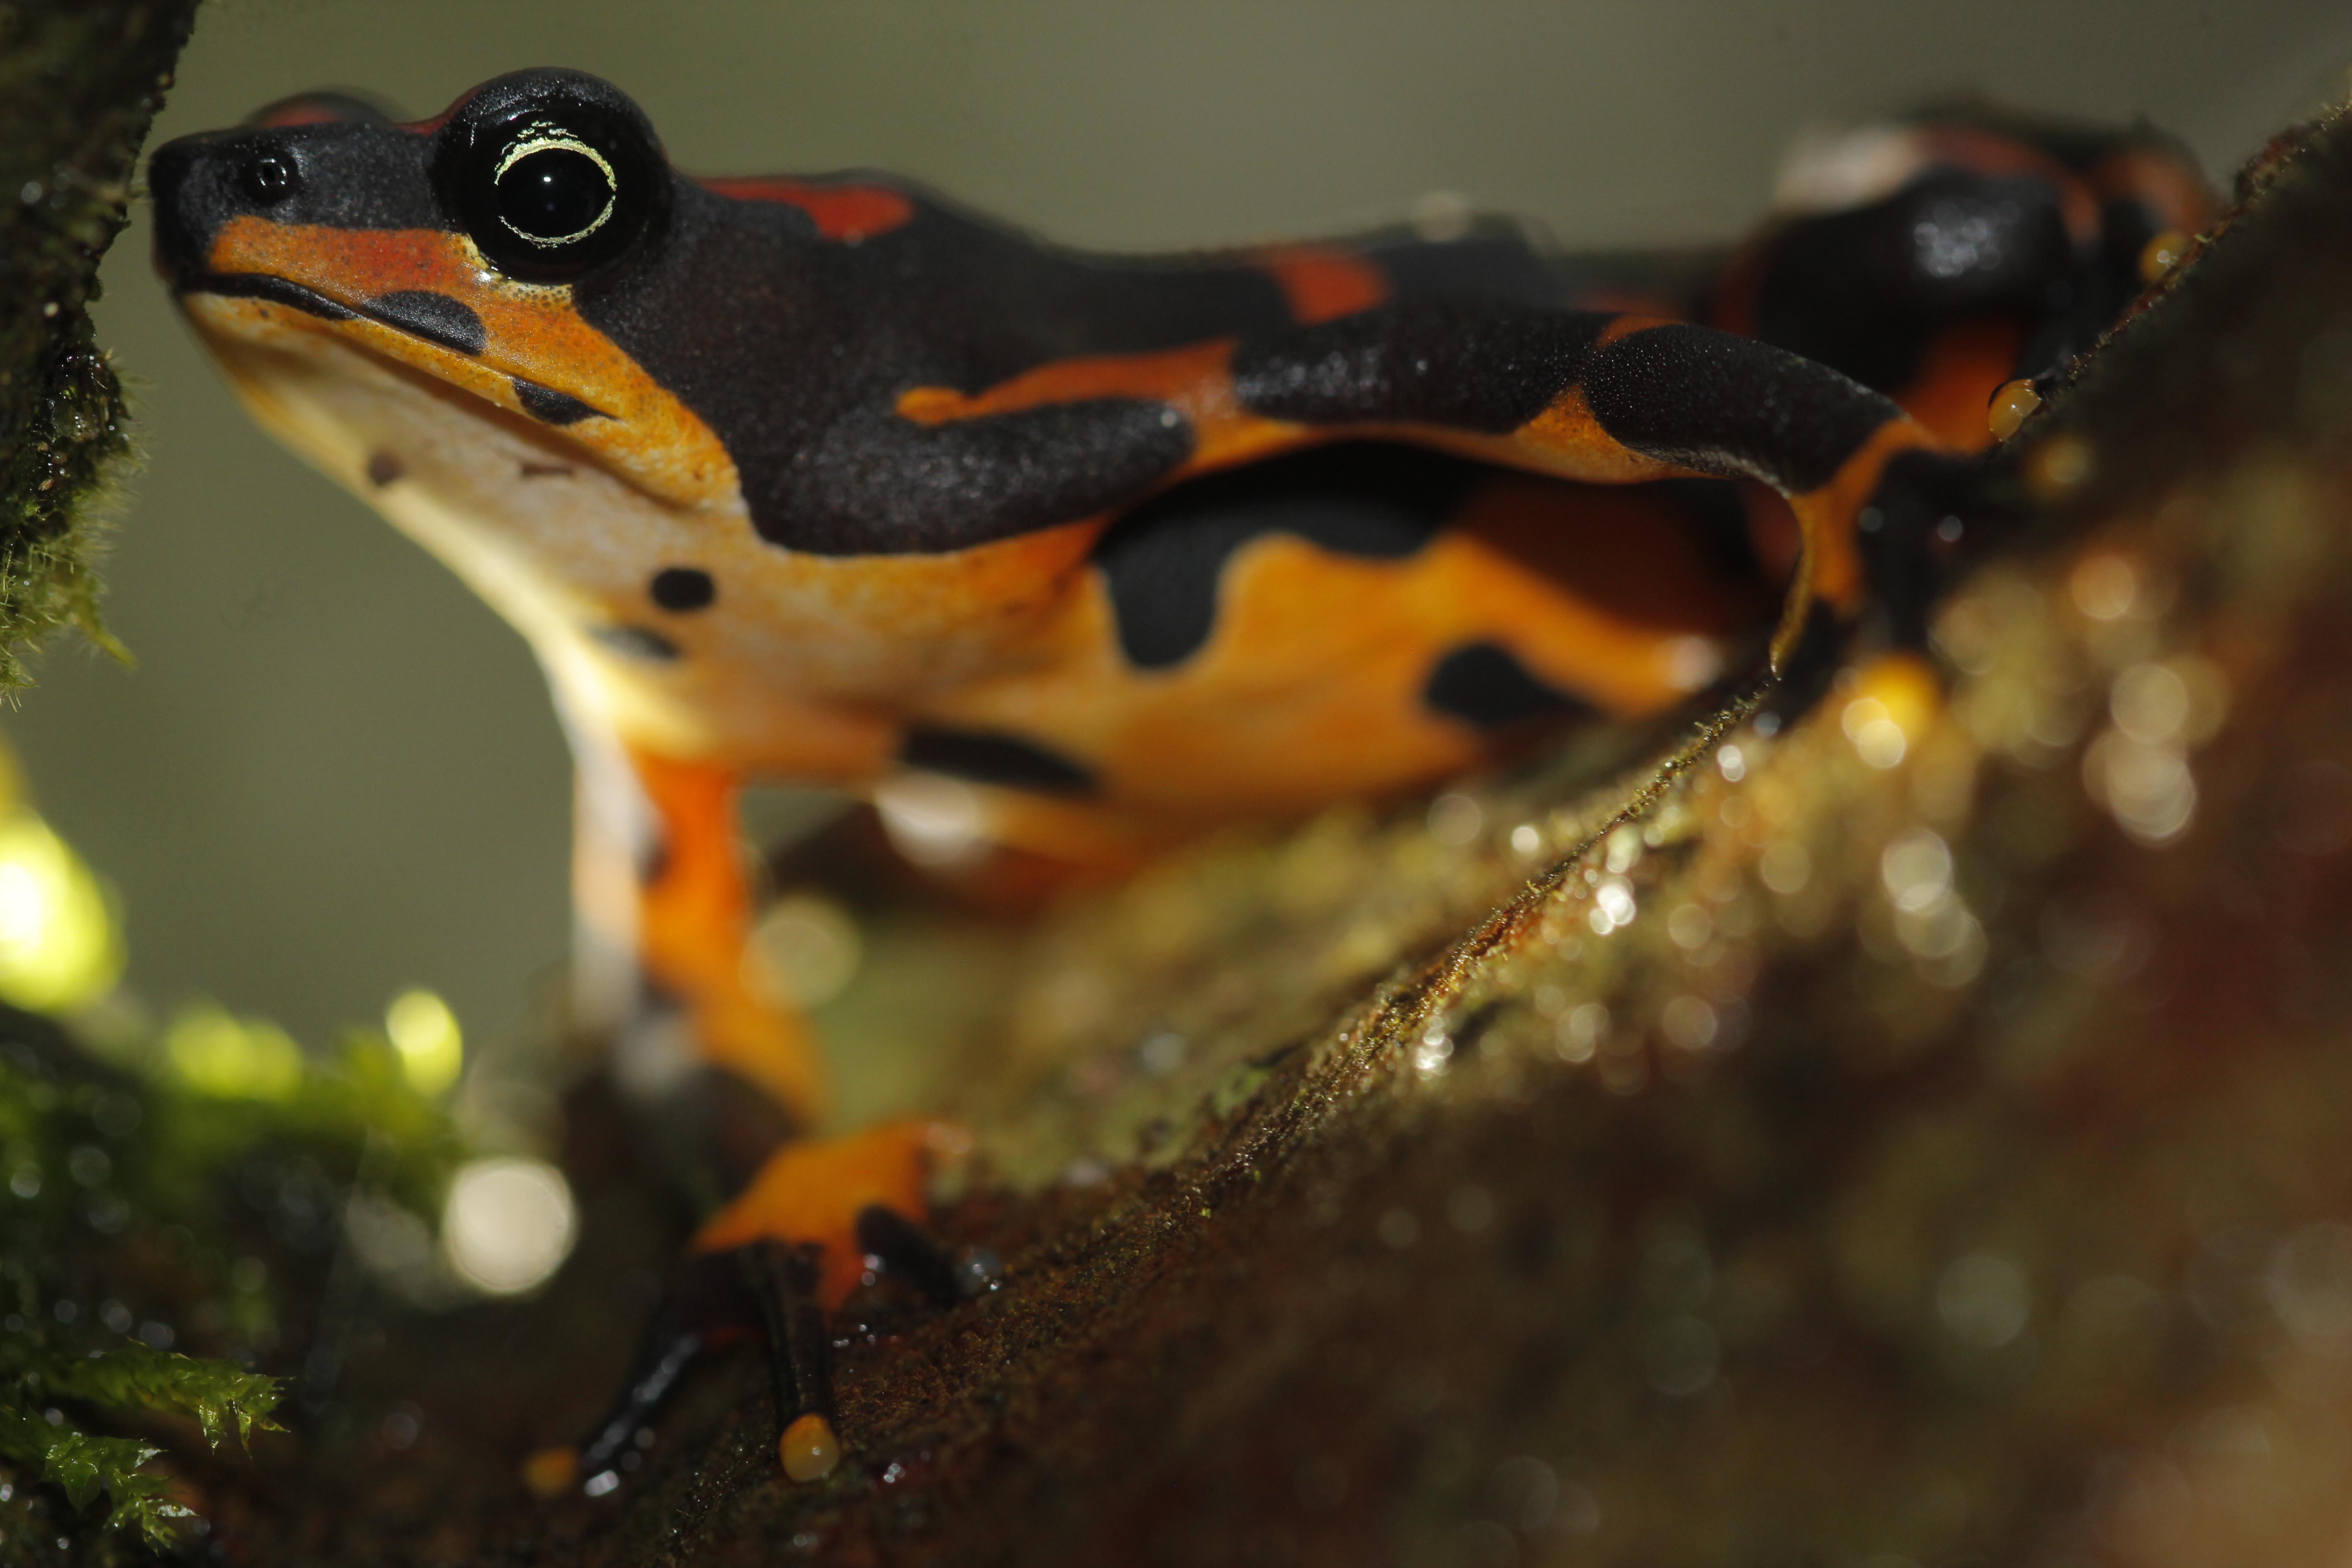 La reaparición de la Atelopus Varius o ranita de Halloween llenó de esperanza a muchos herpetólogos. Foto: Diego Gómez Hoyos.